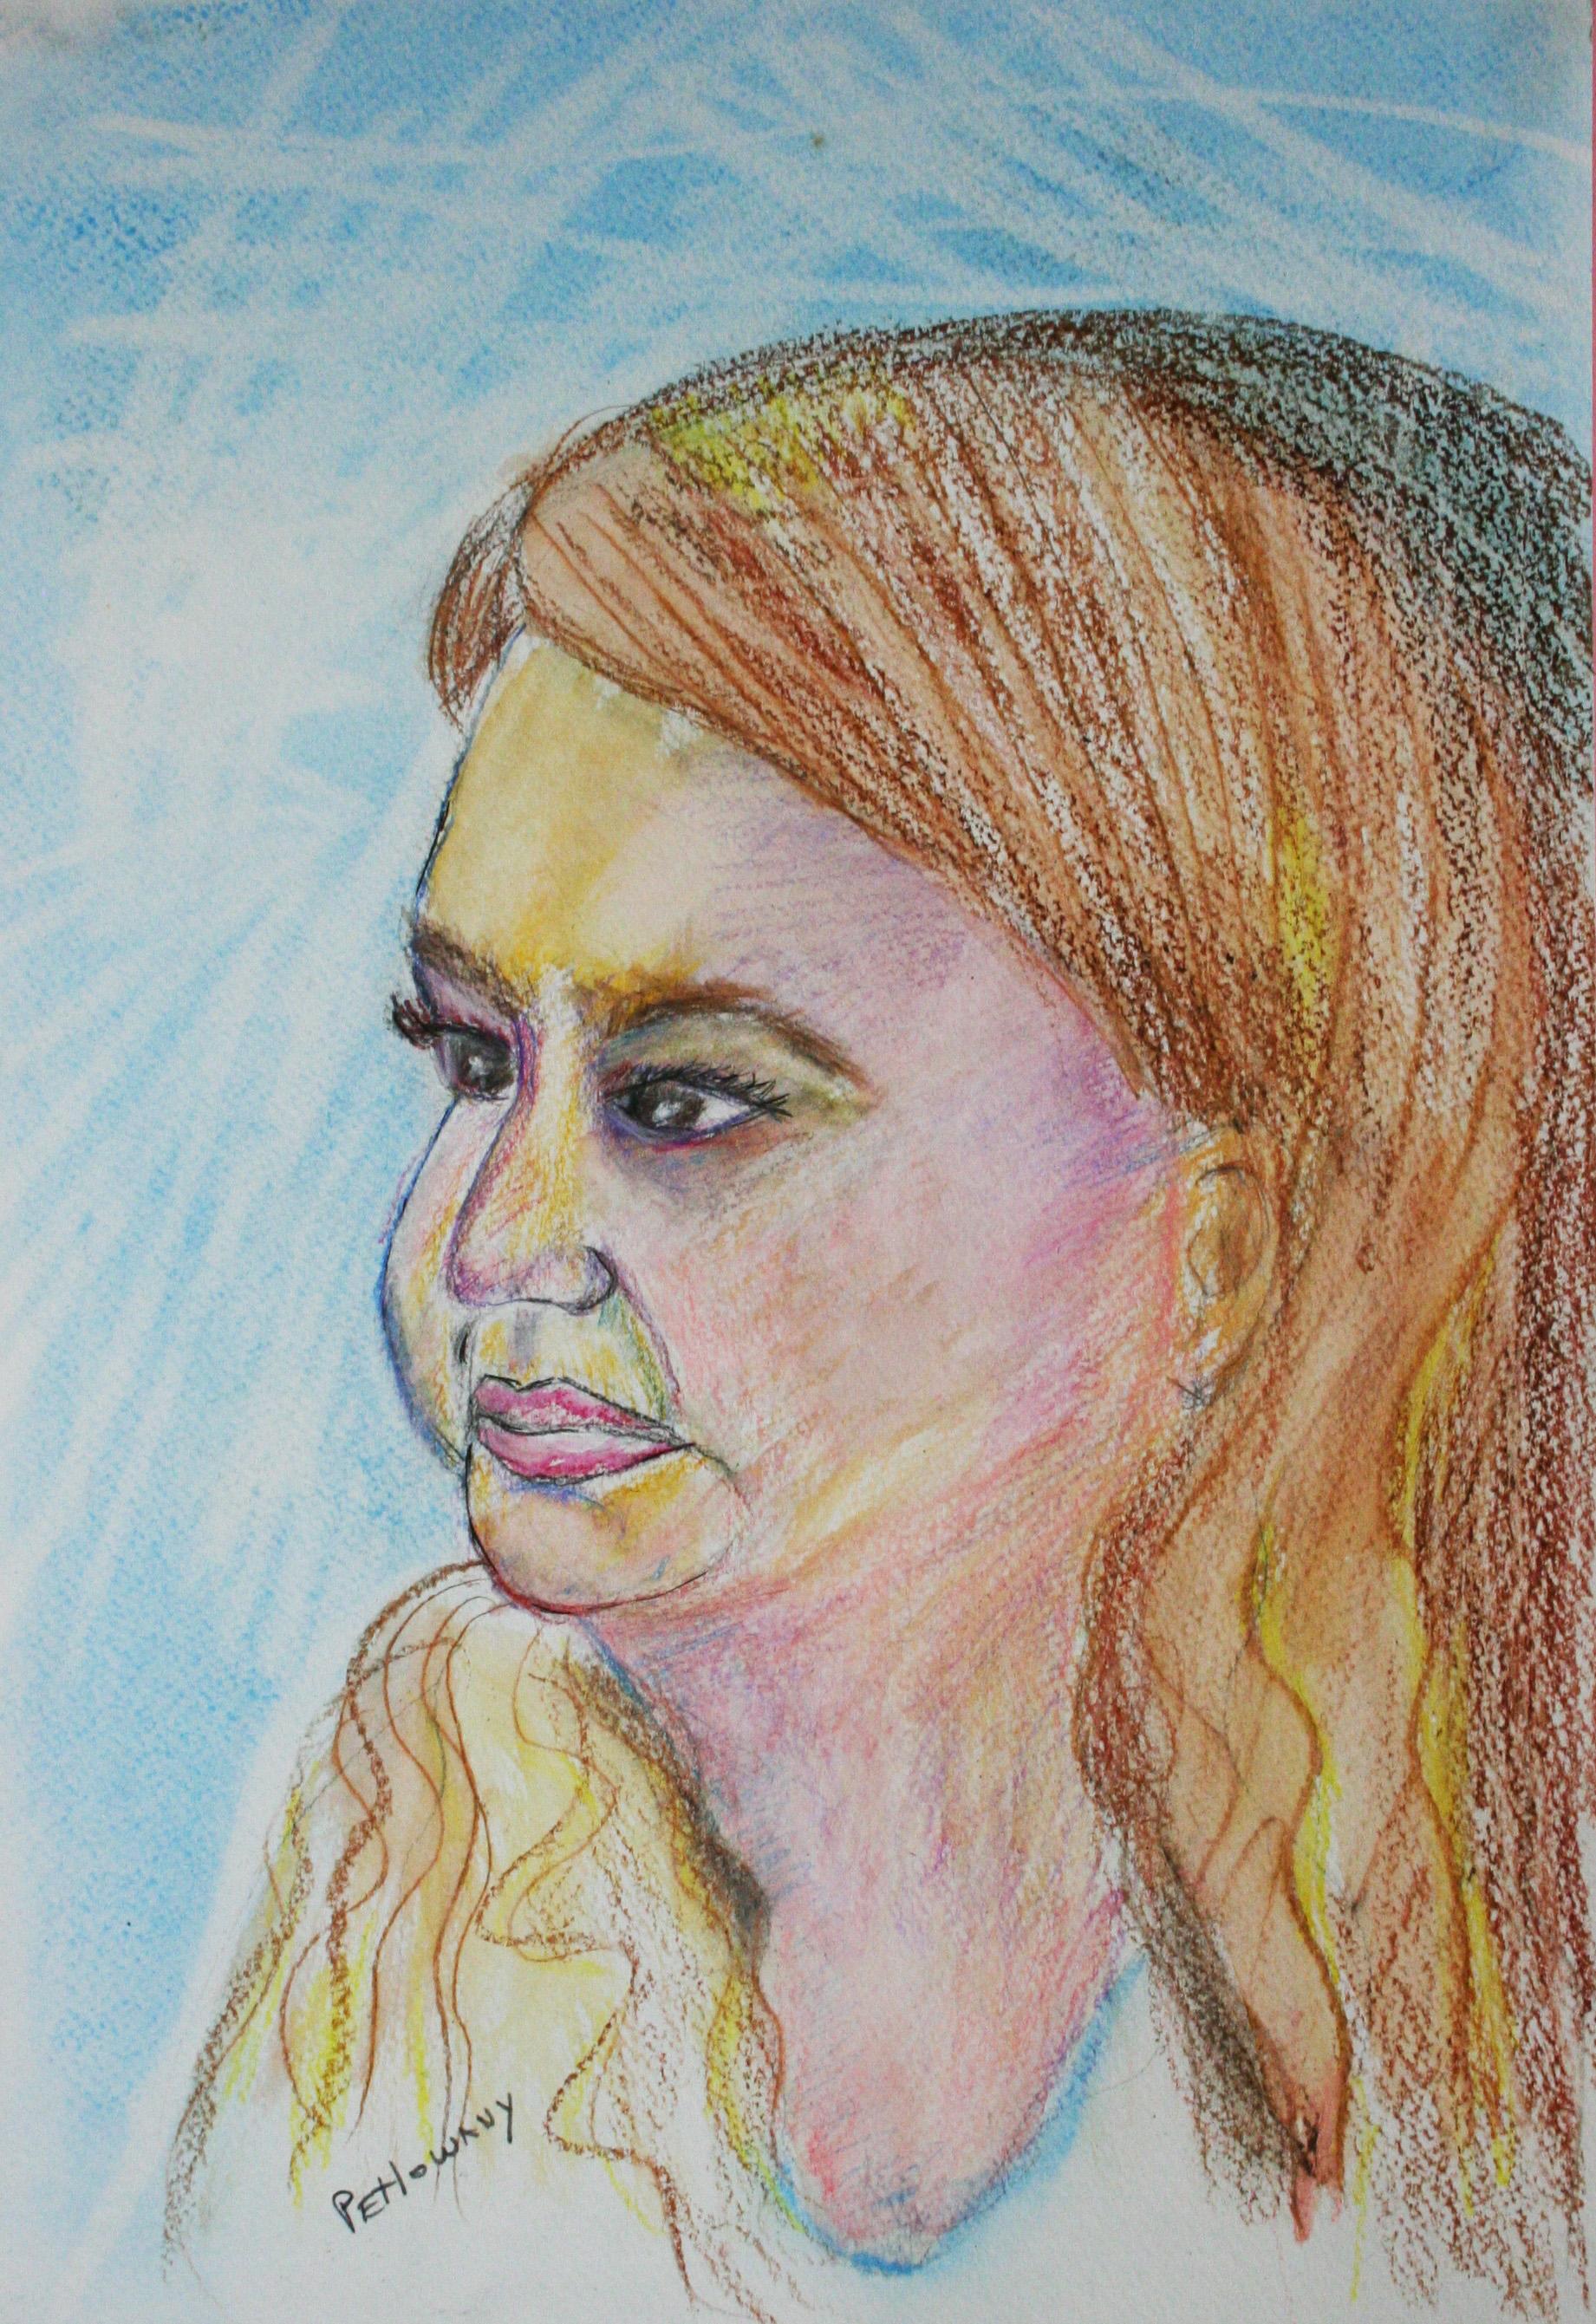 Paula Petlowany did this pastel drawing.